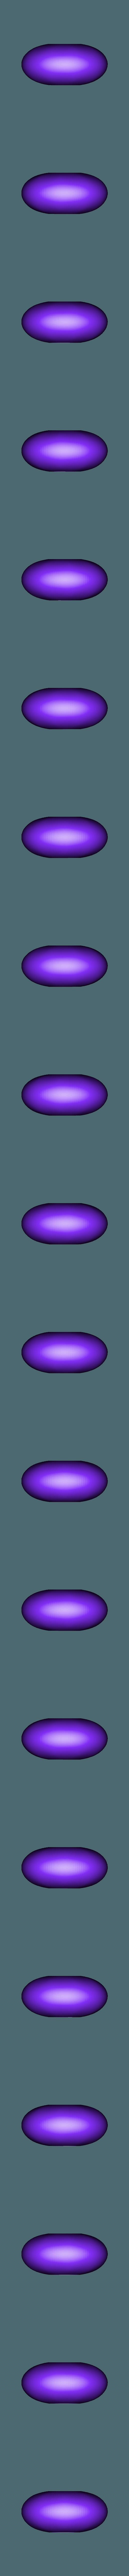 7-Top-Plate-Neck-Base.stl Download free STL file Bath and Body Works - Candle Holder (10cm Ø) • 3D print design, crisonescu